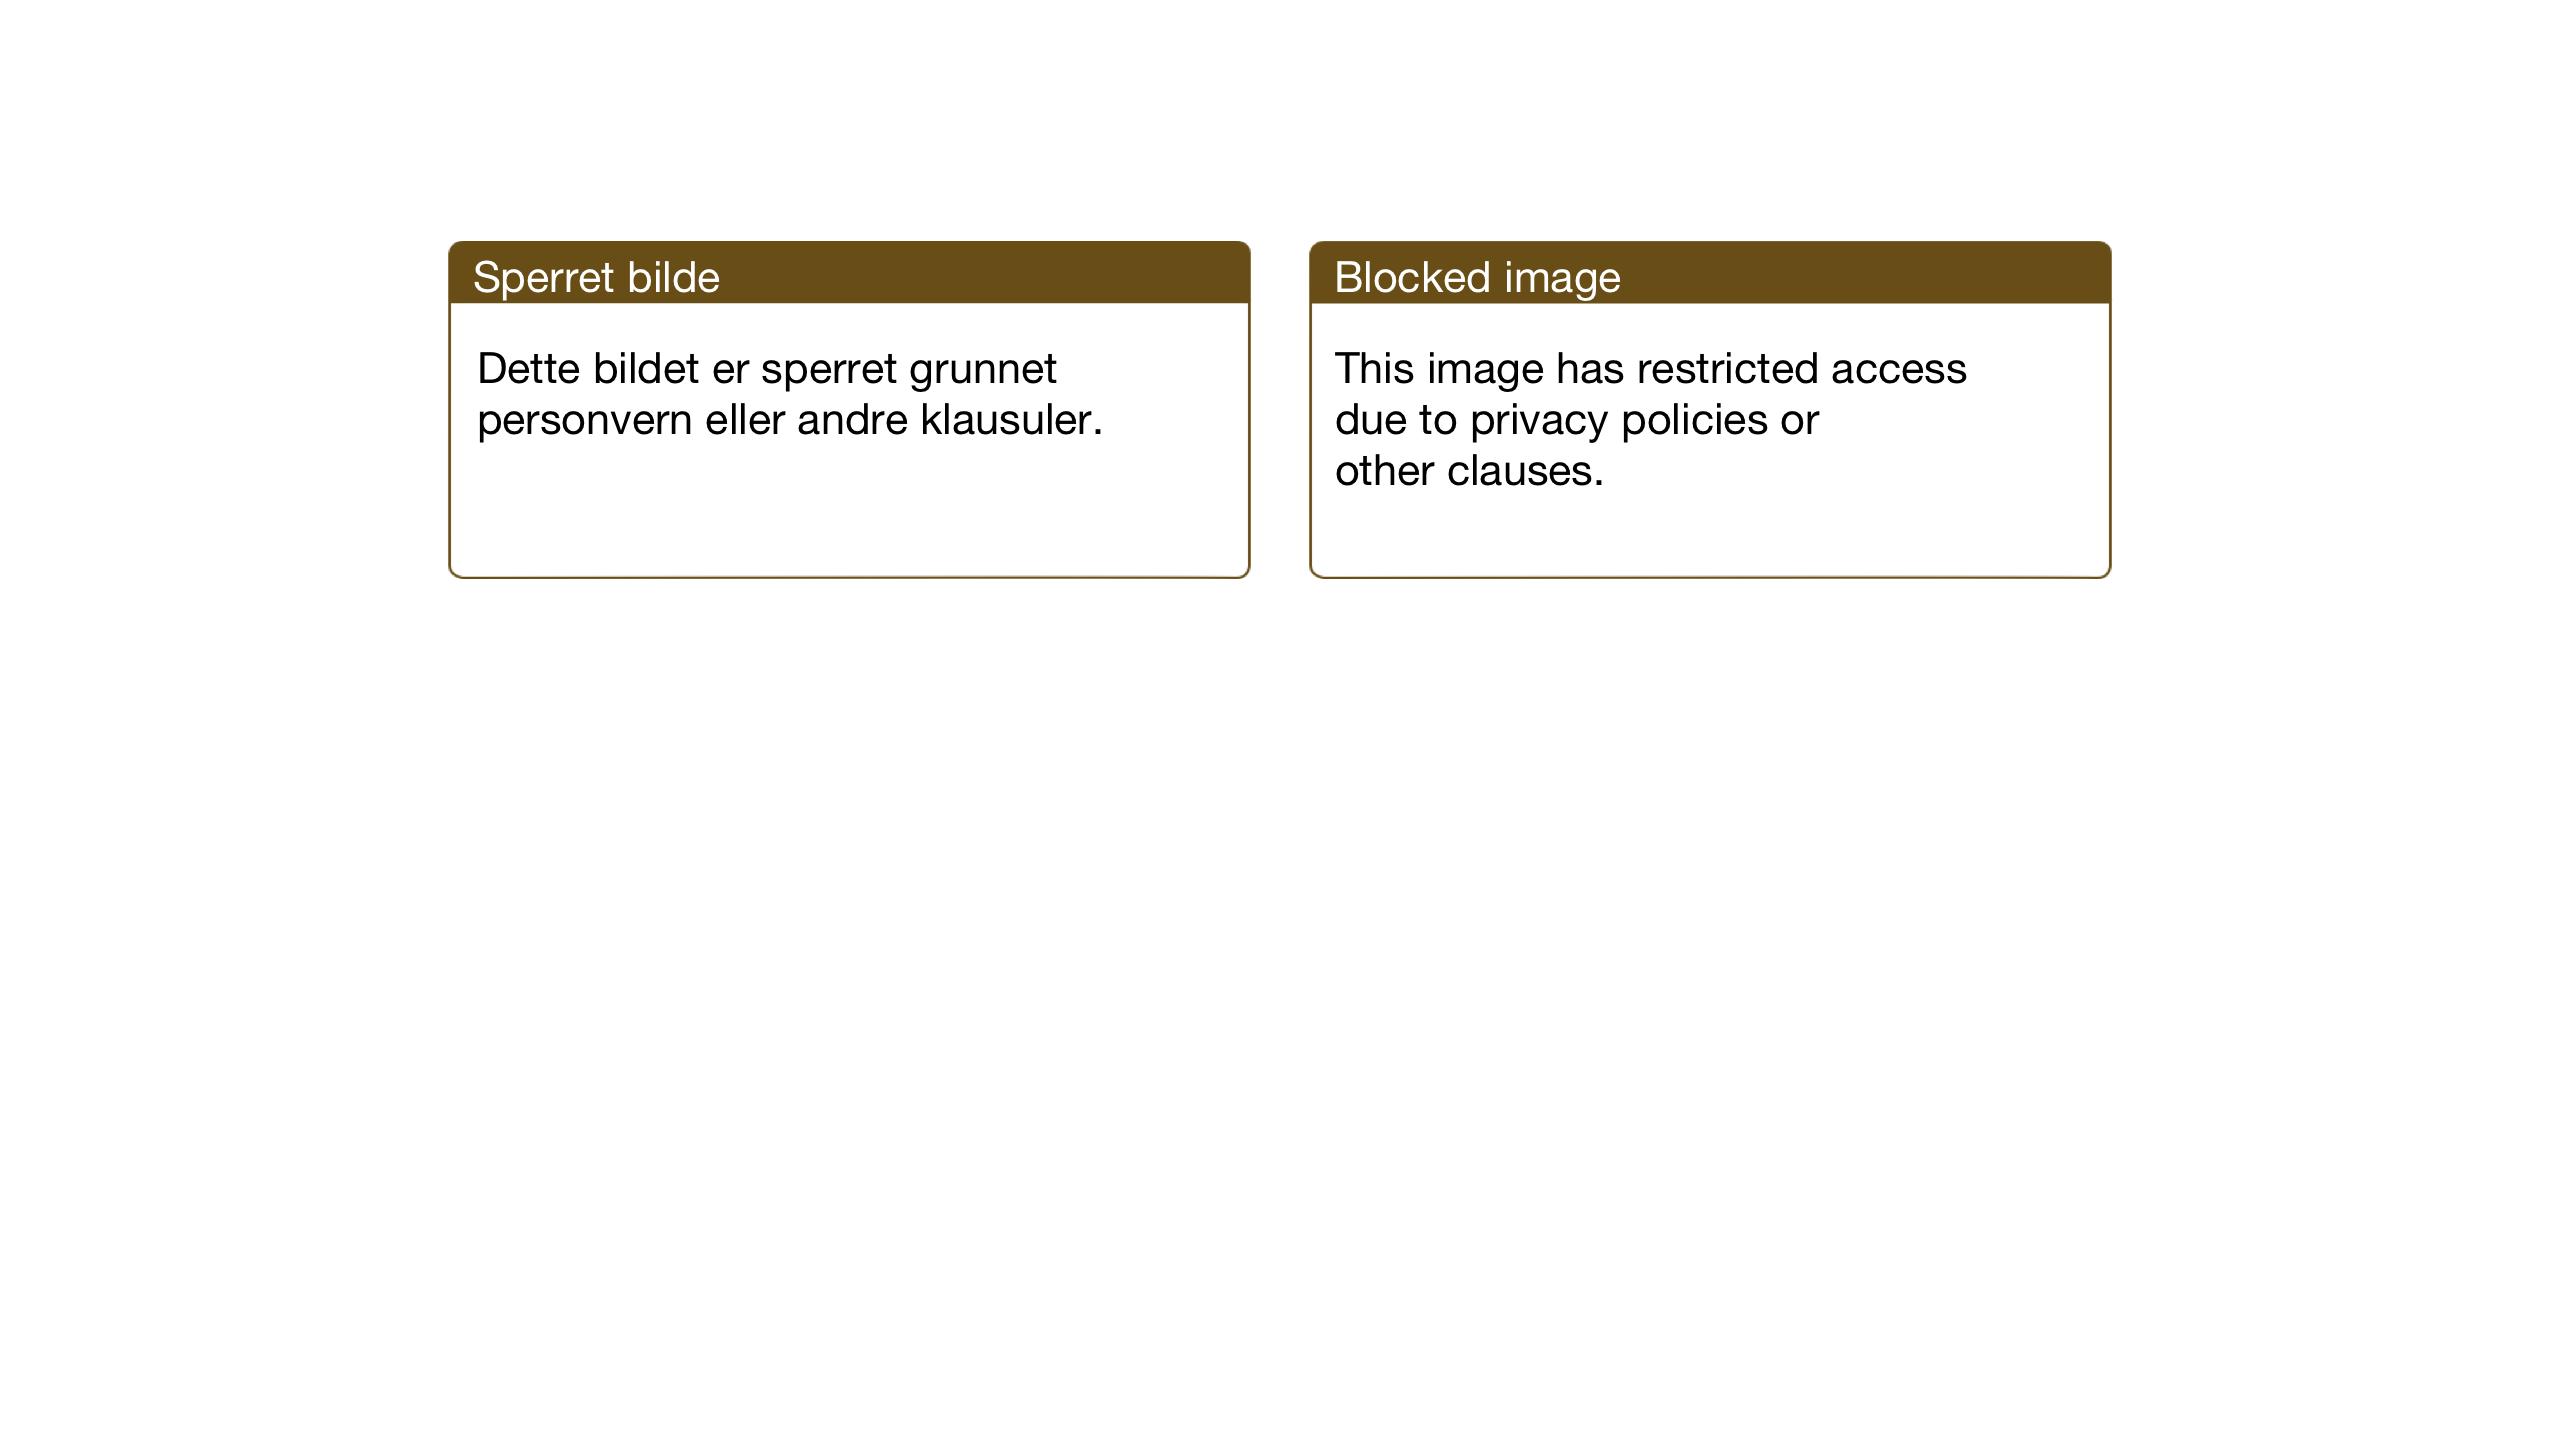 SAT, Ministerialprotokoller, klokkerbøker og fødselsregistre - Sør-Trøndelag, 655/L0690: Klokkerbok nr. 655C06, 1937-1950, s. 54